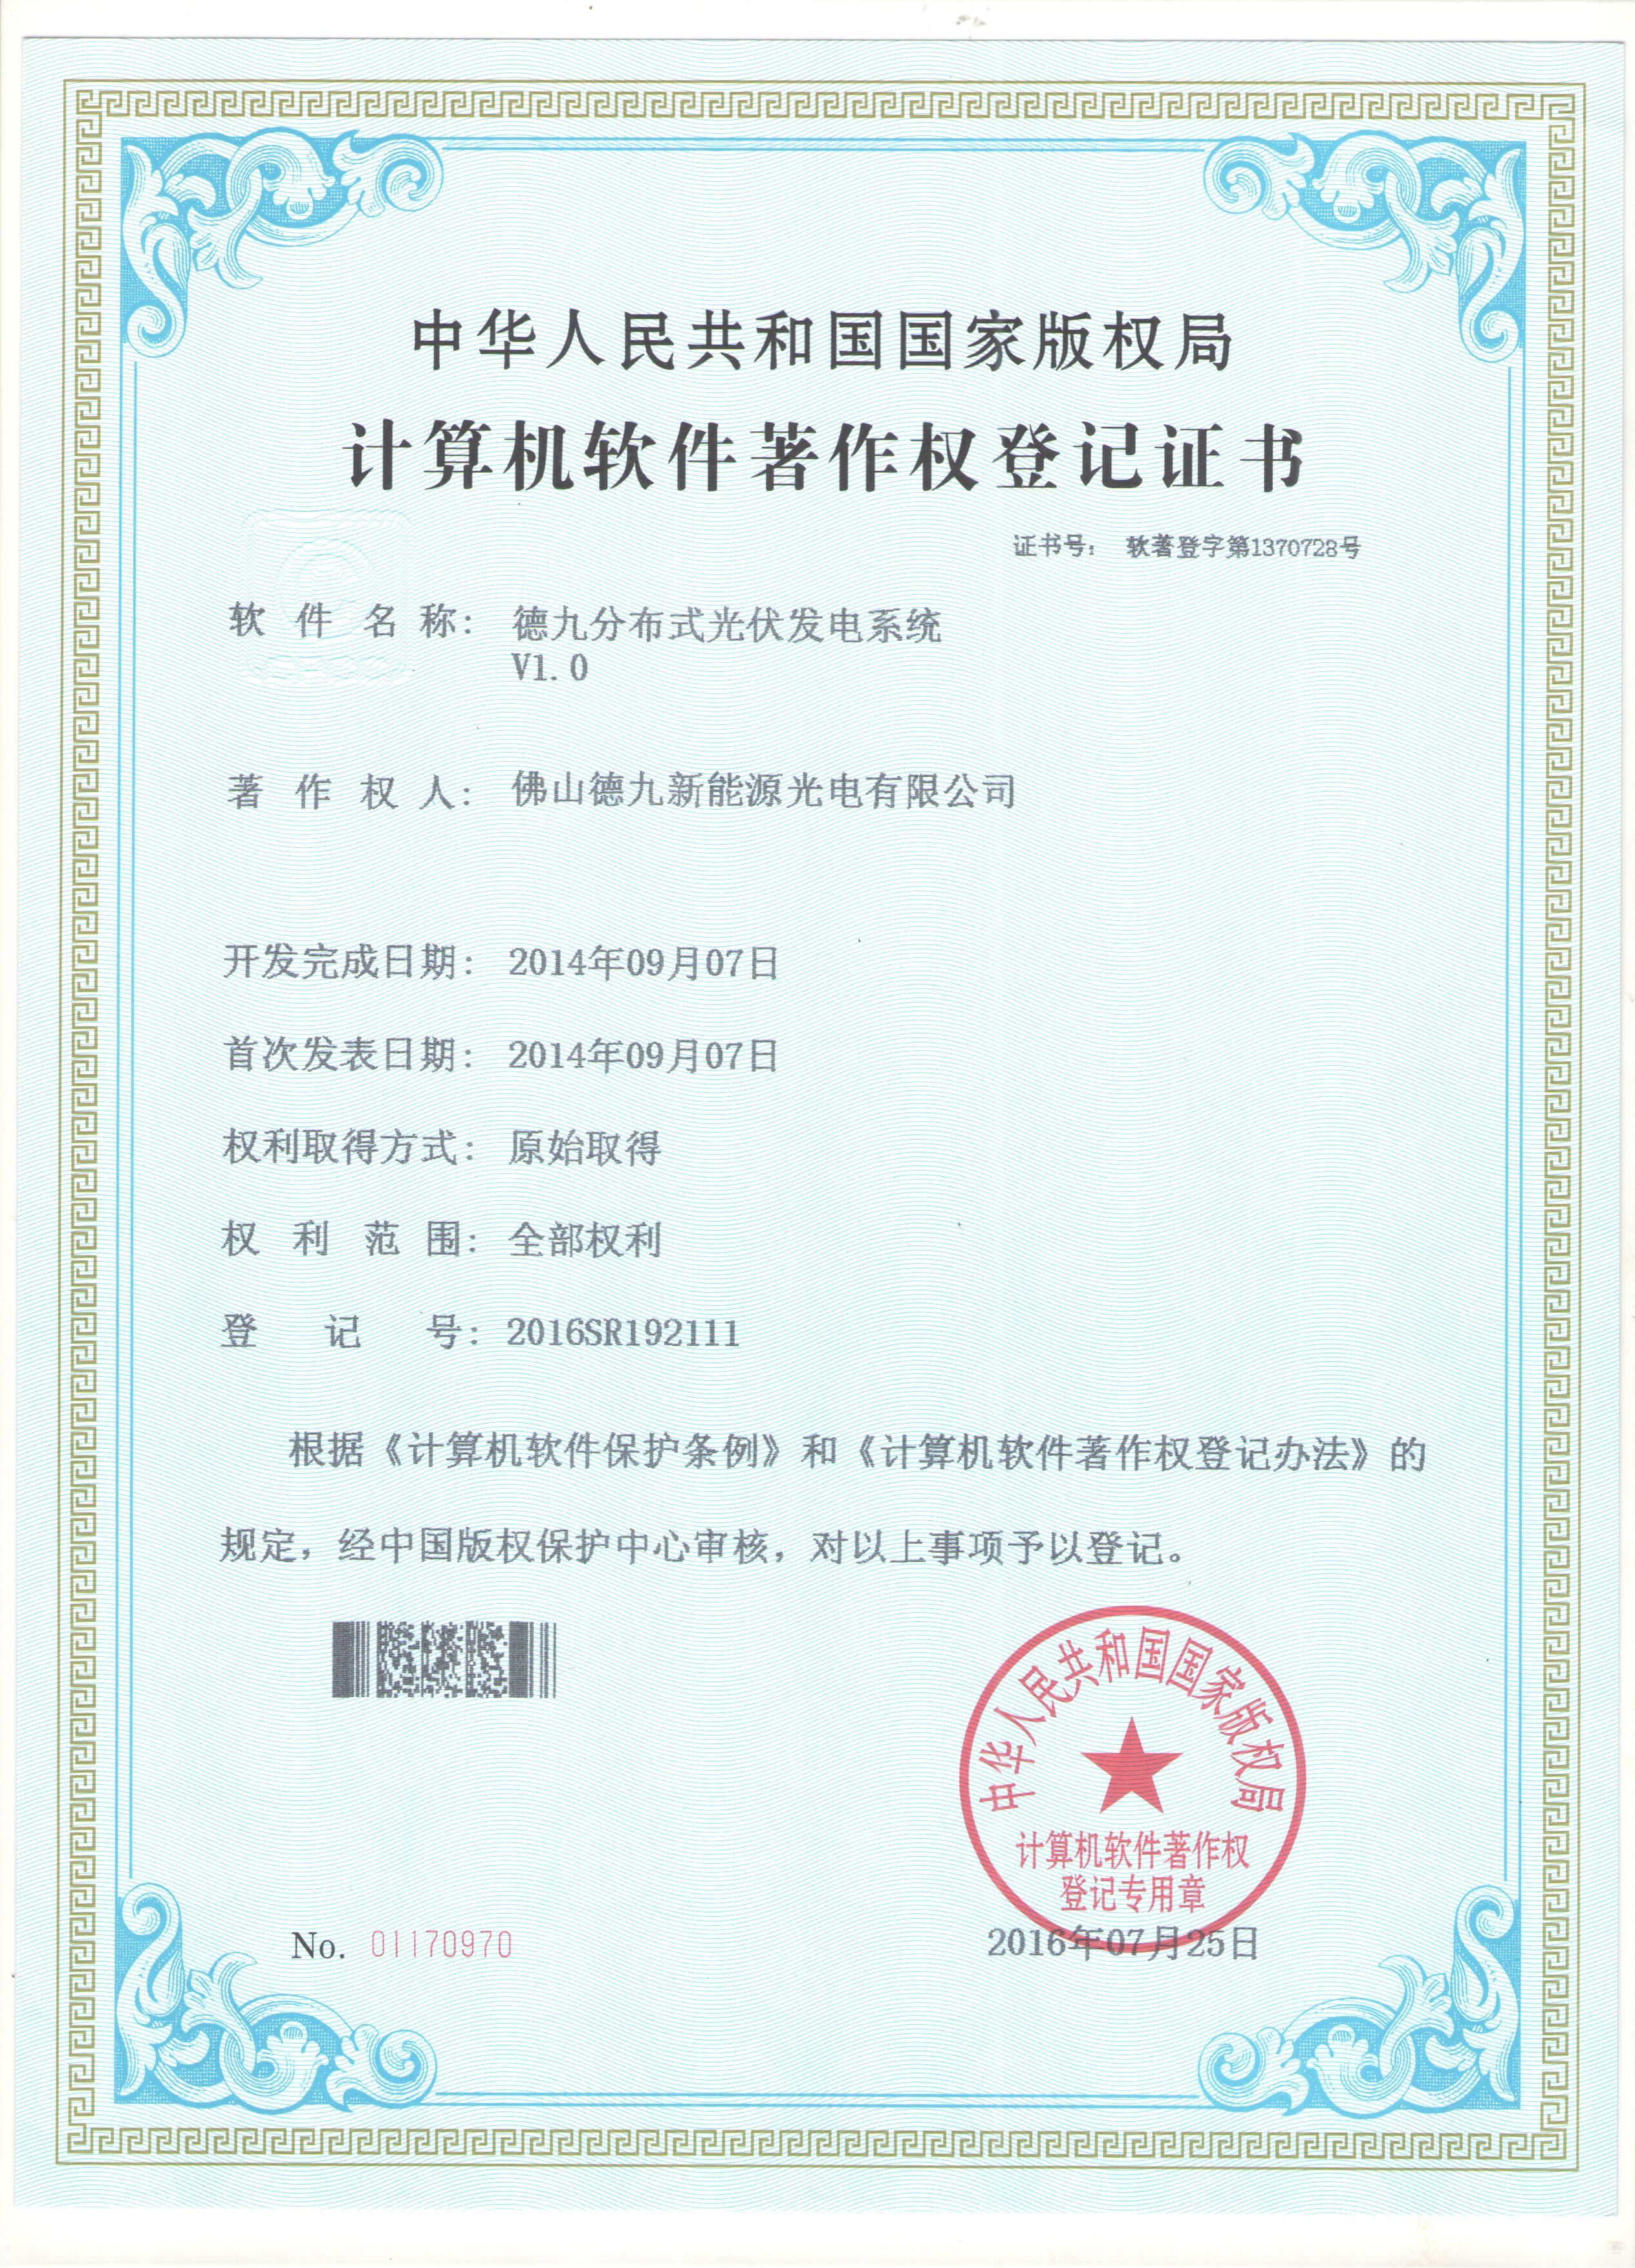 專利-軟件著作權-軟件著作權-德九分布式光伏發電系統V1.0